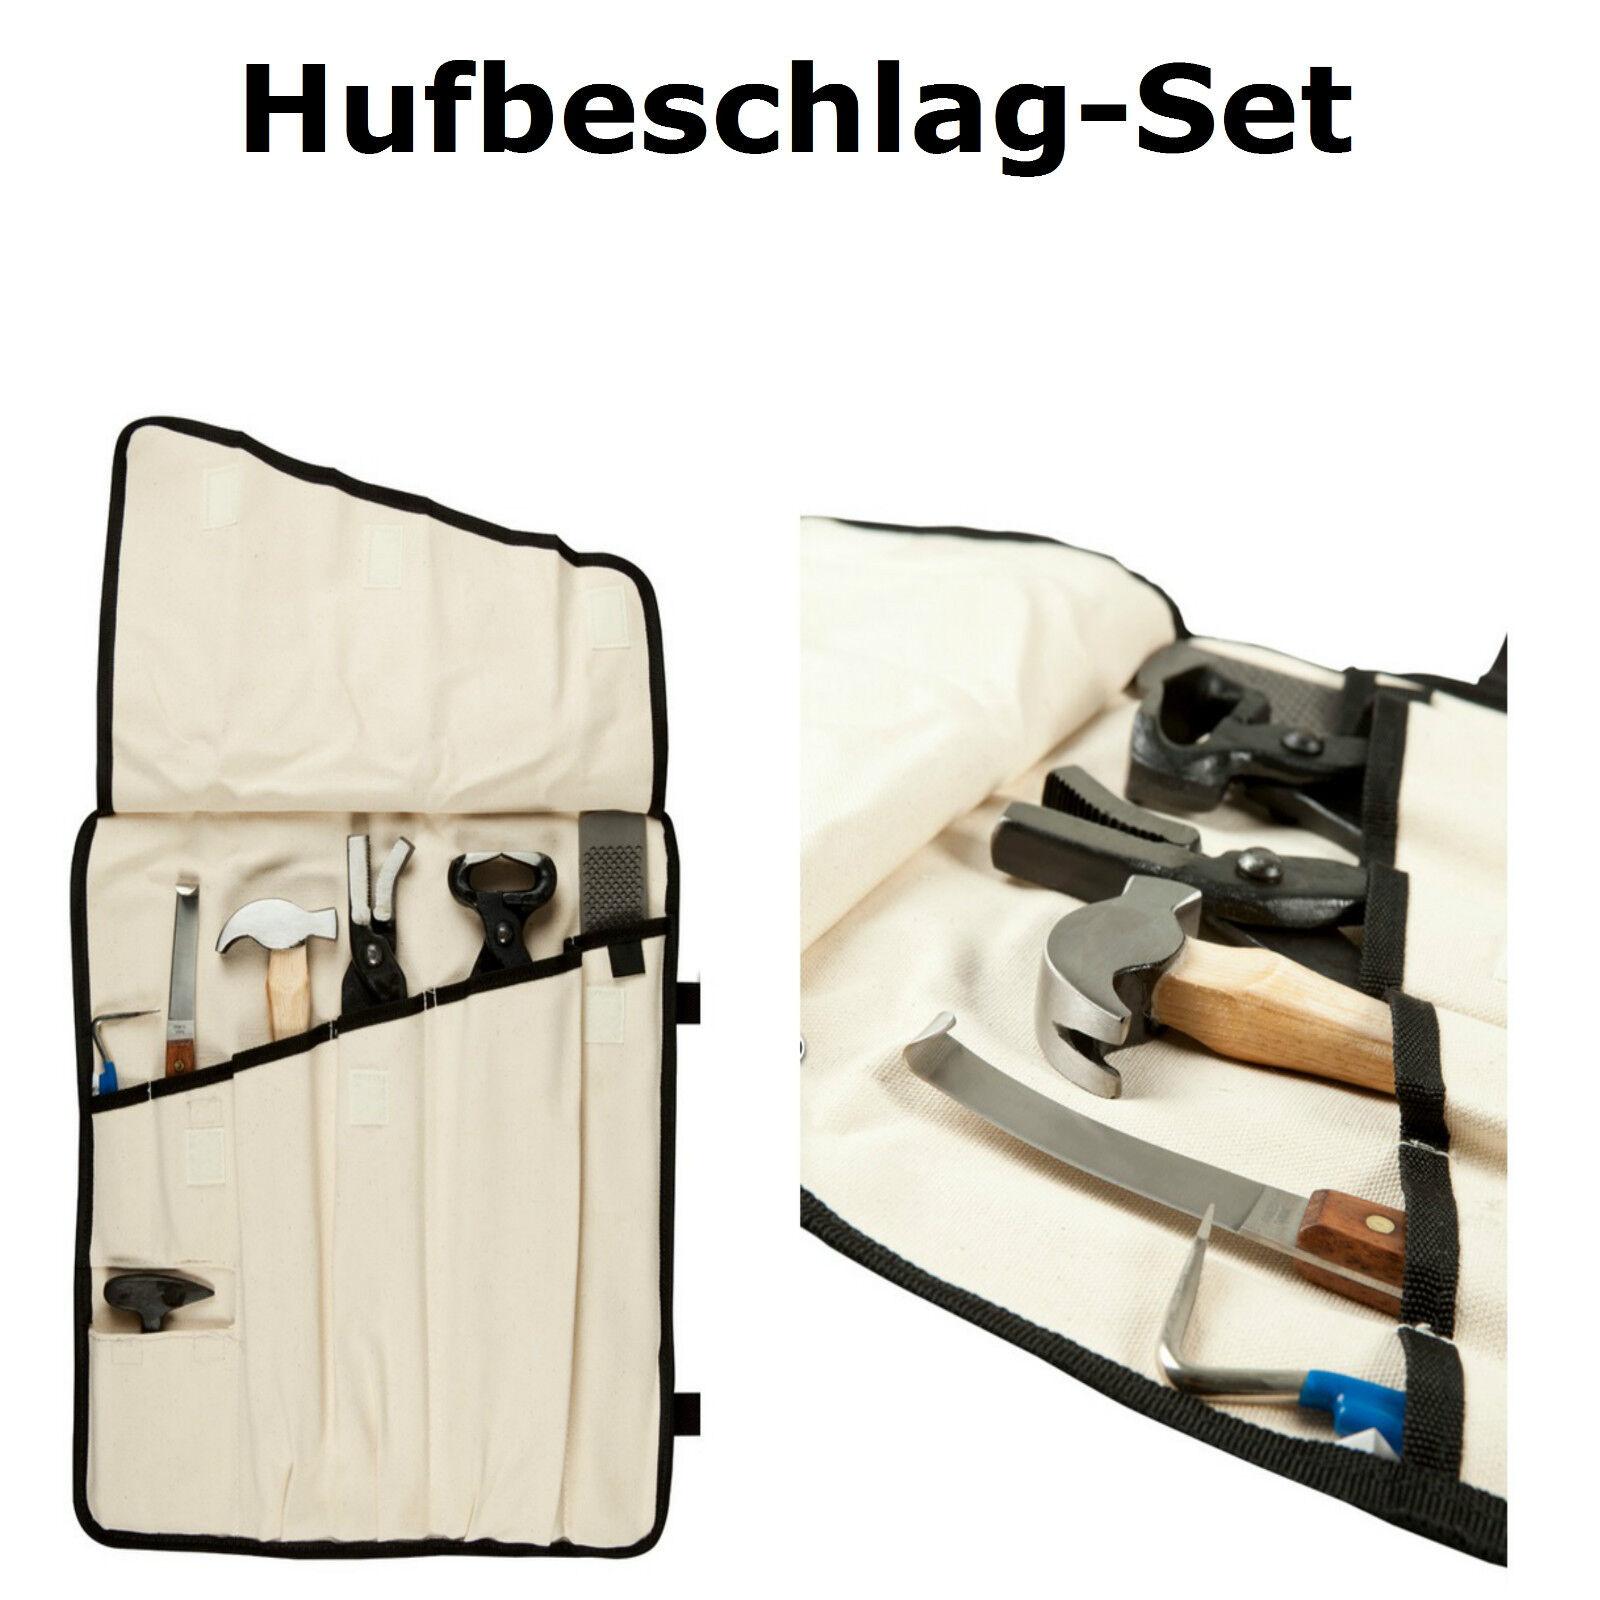 Beschlagset Hufbeschlagset Hufbeschlag Hufpflege Barhufpflege Schmied